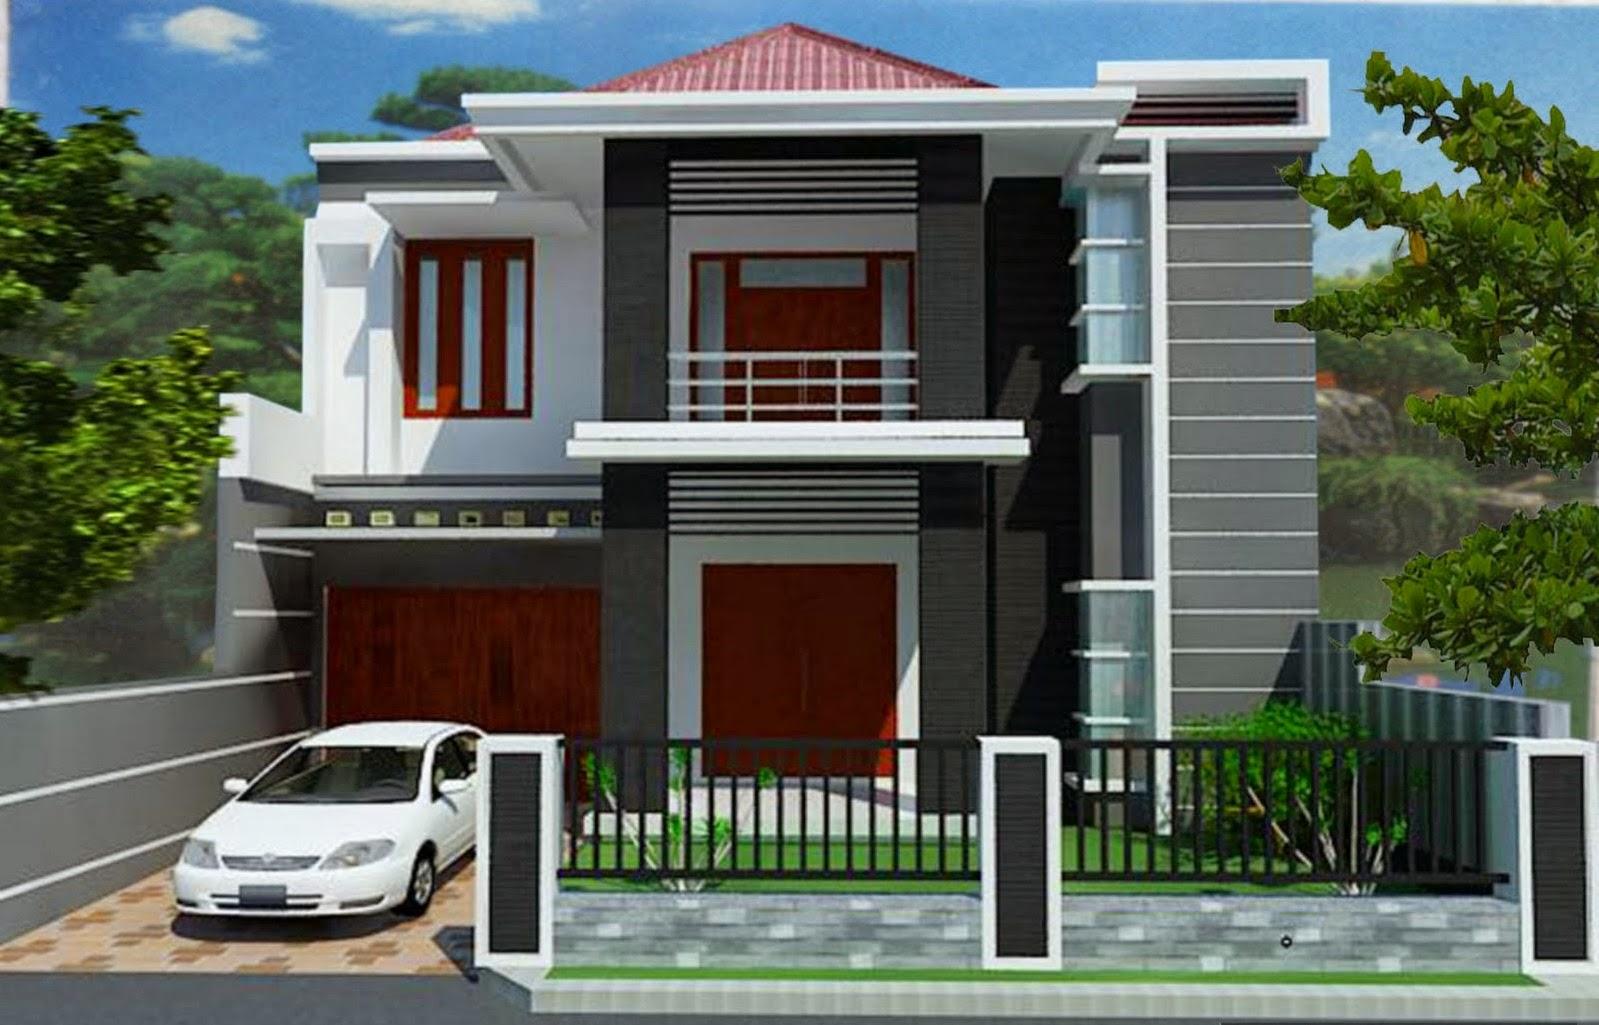 Contoh rekabentuk rumah moden 2 tingkat yang membawa konsep minimalis